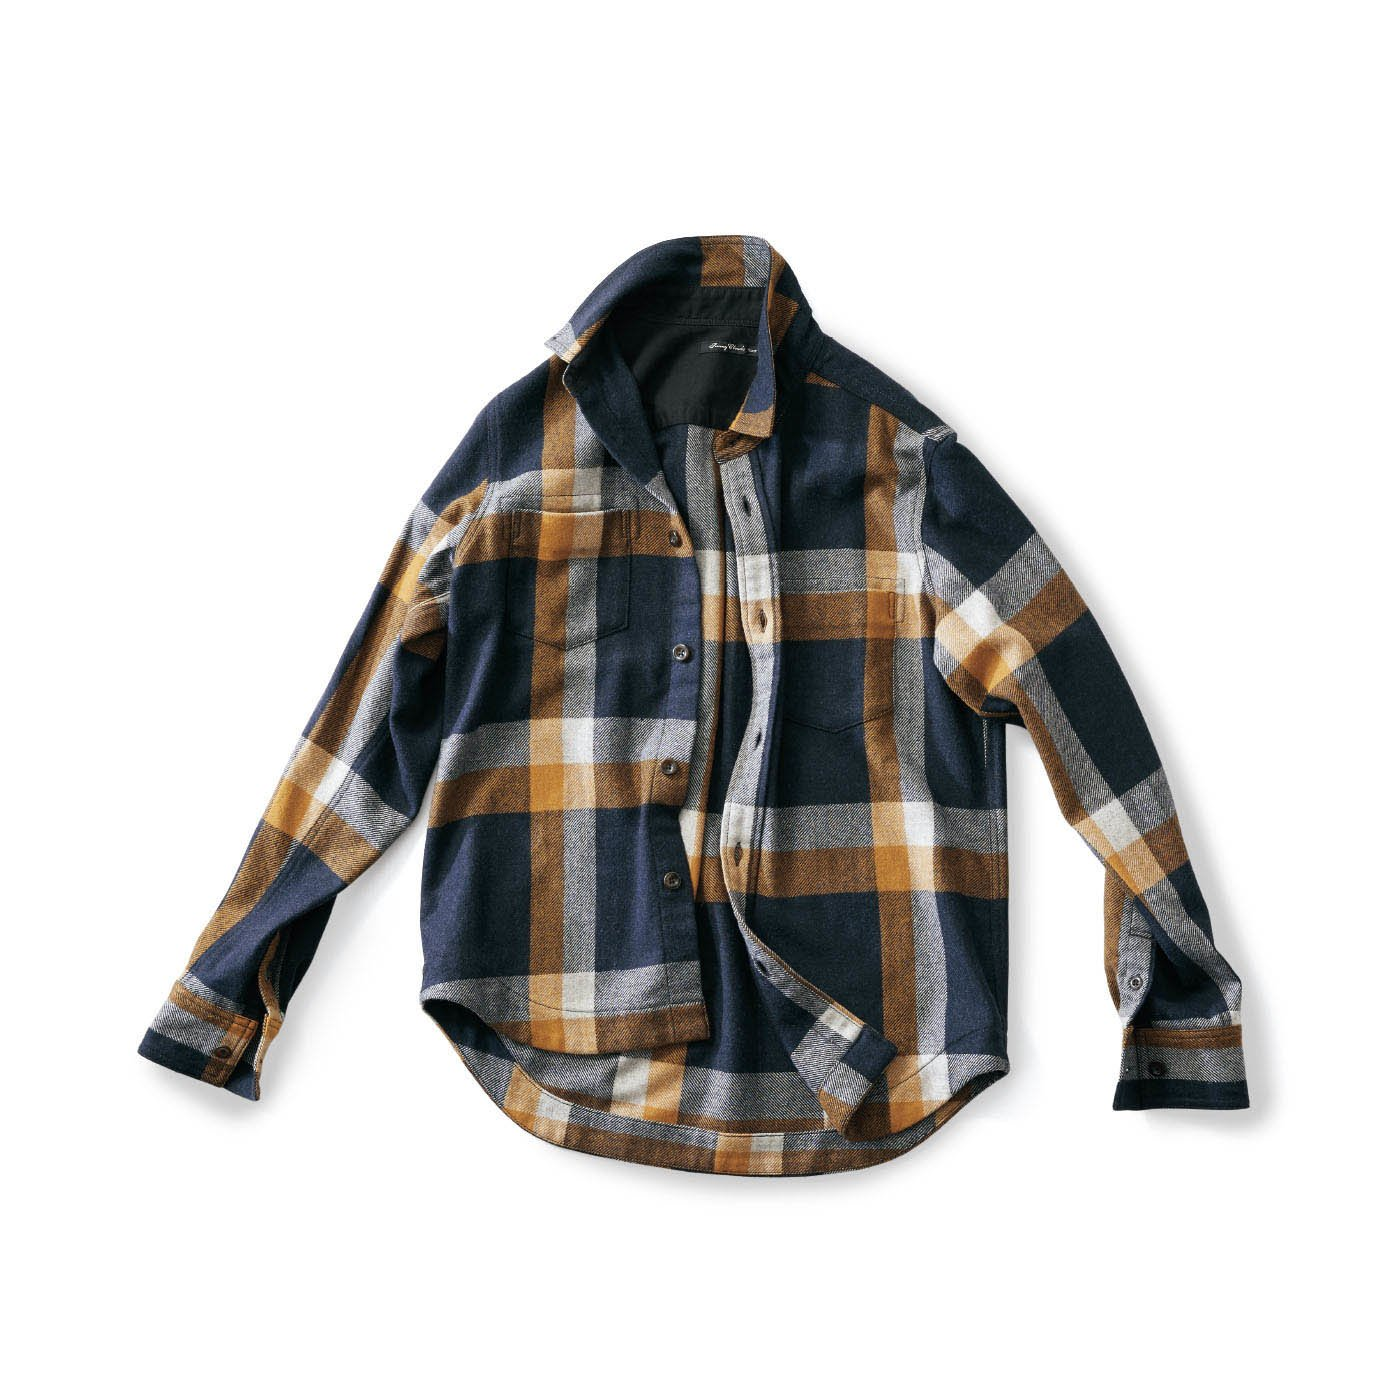 サニークラウズ ブランケットなシャツ〈メンズ〉